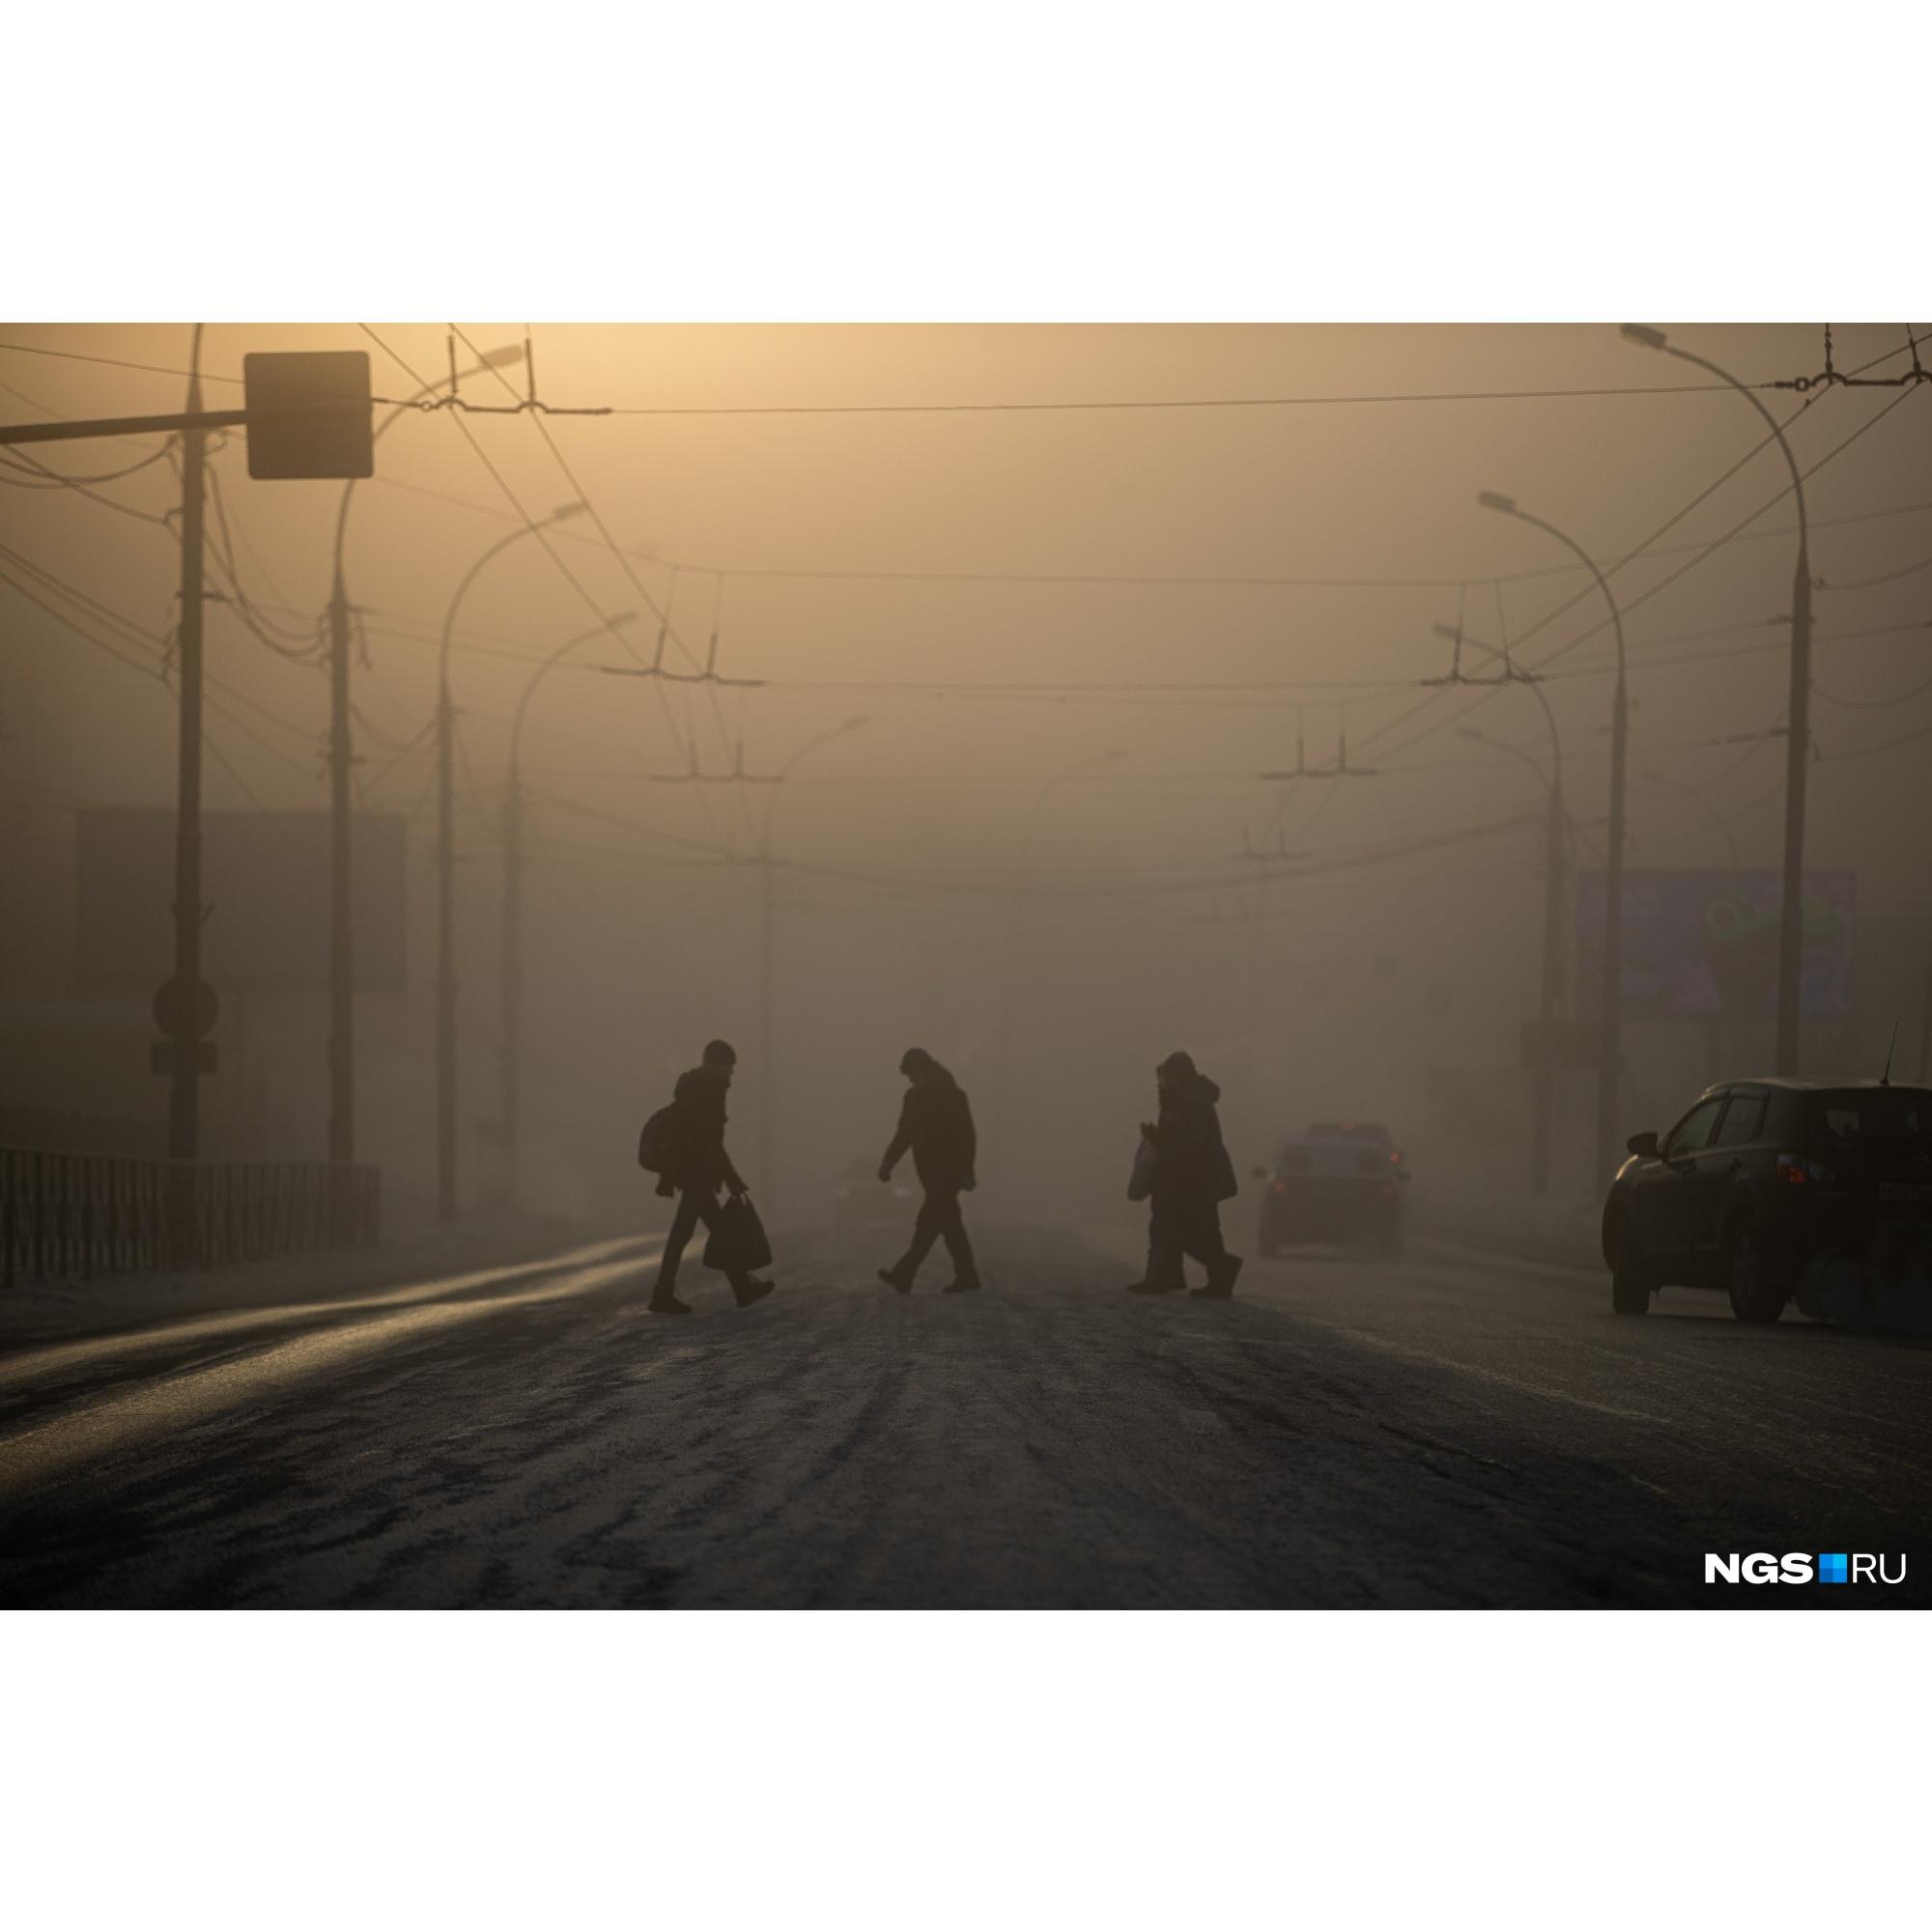 Новосибирцы тщательнее утепляются для такой погоды. На улицах всё больше и больше людей в комбинезонах и горнолыжных костюмах